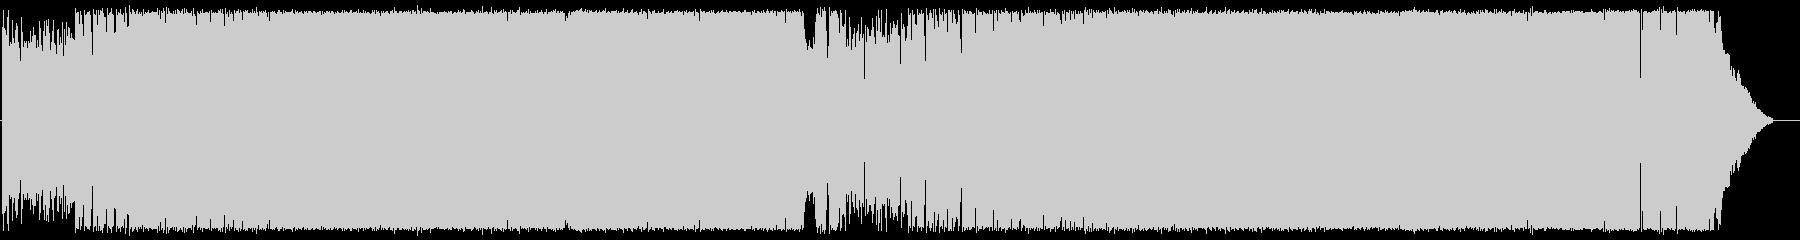 エレキギターの軽快POPロックの未再生の波形